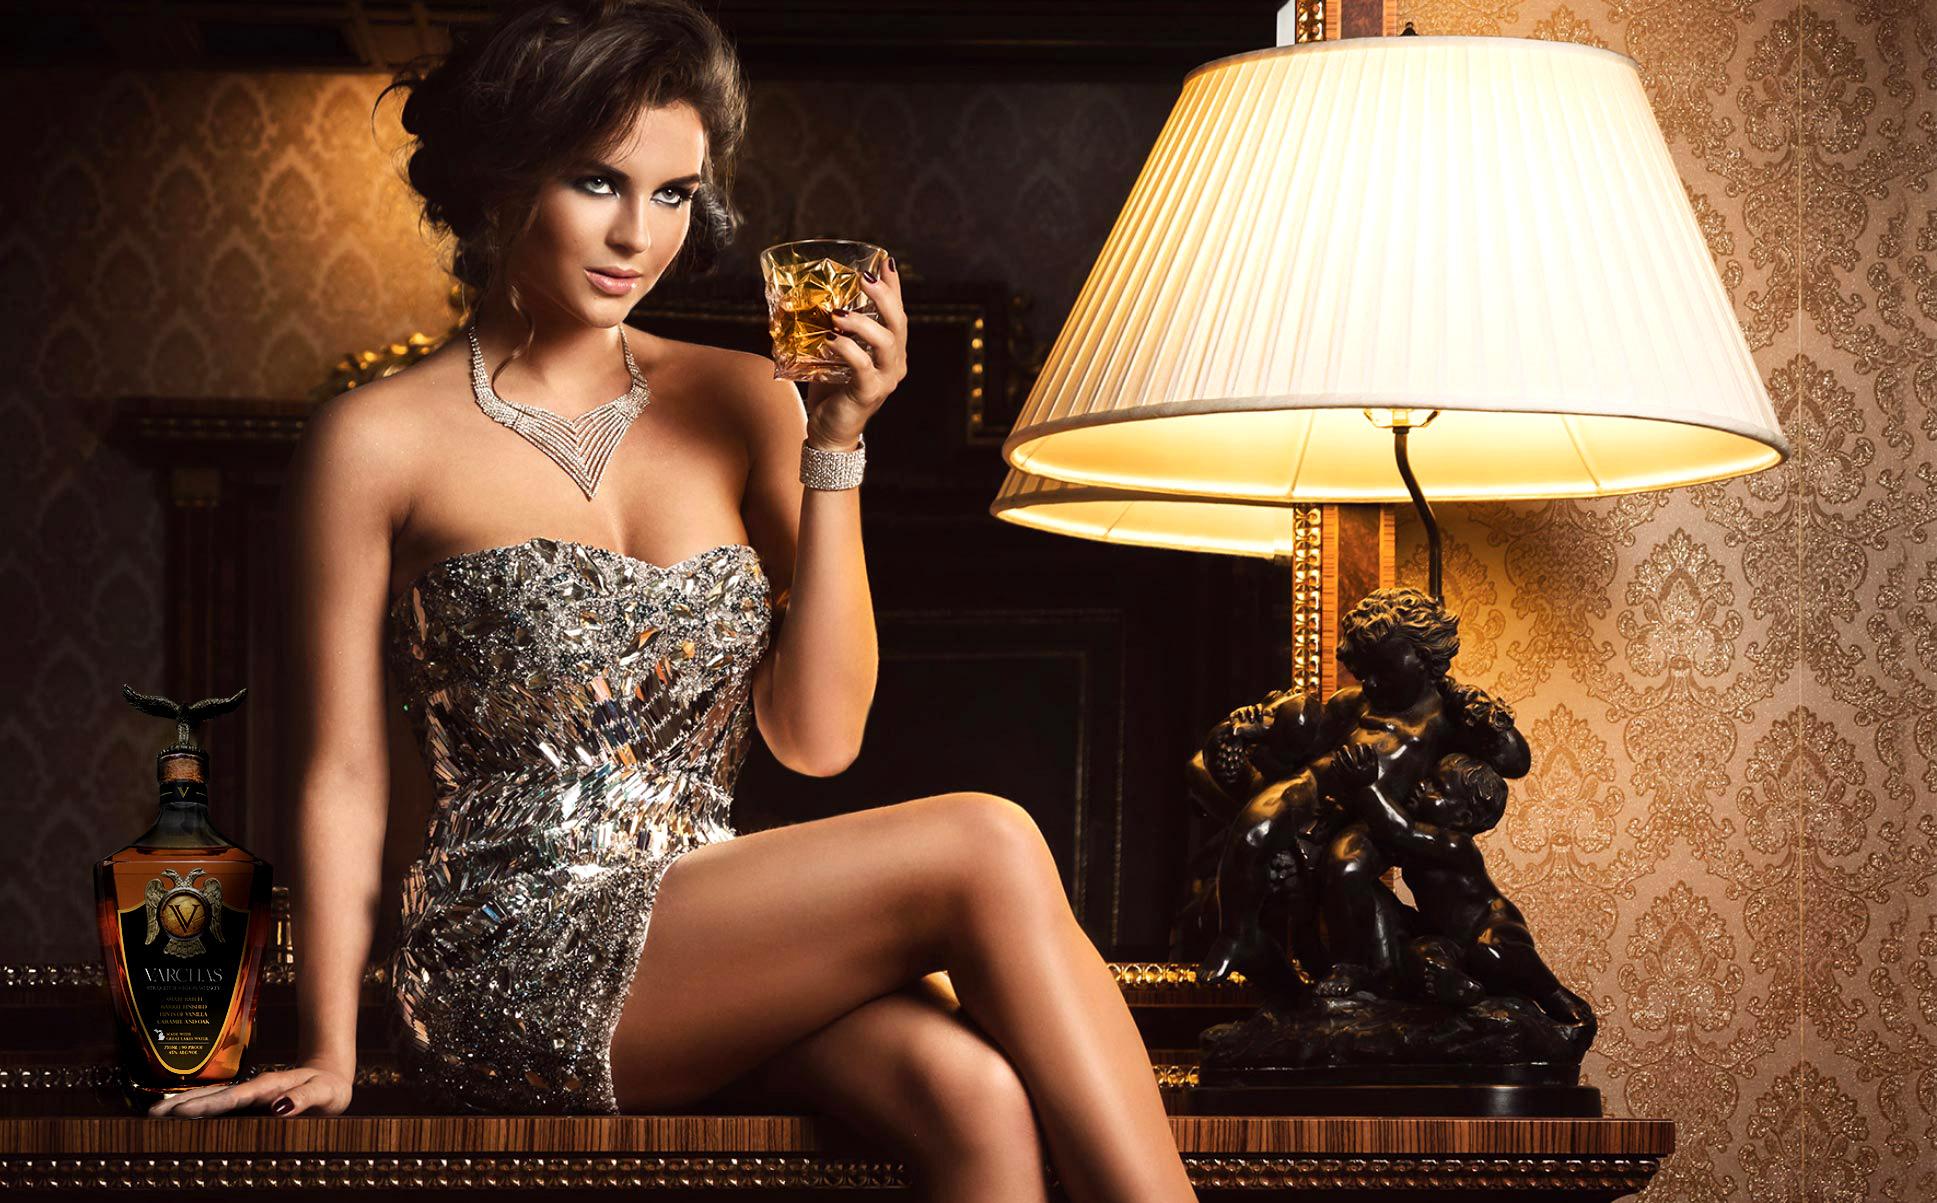 Varchas Bourbon 11